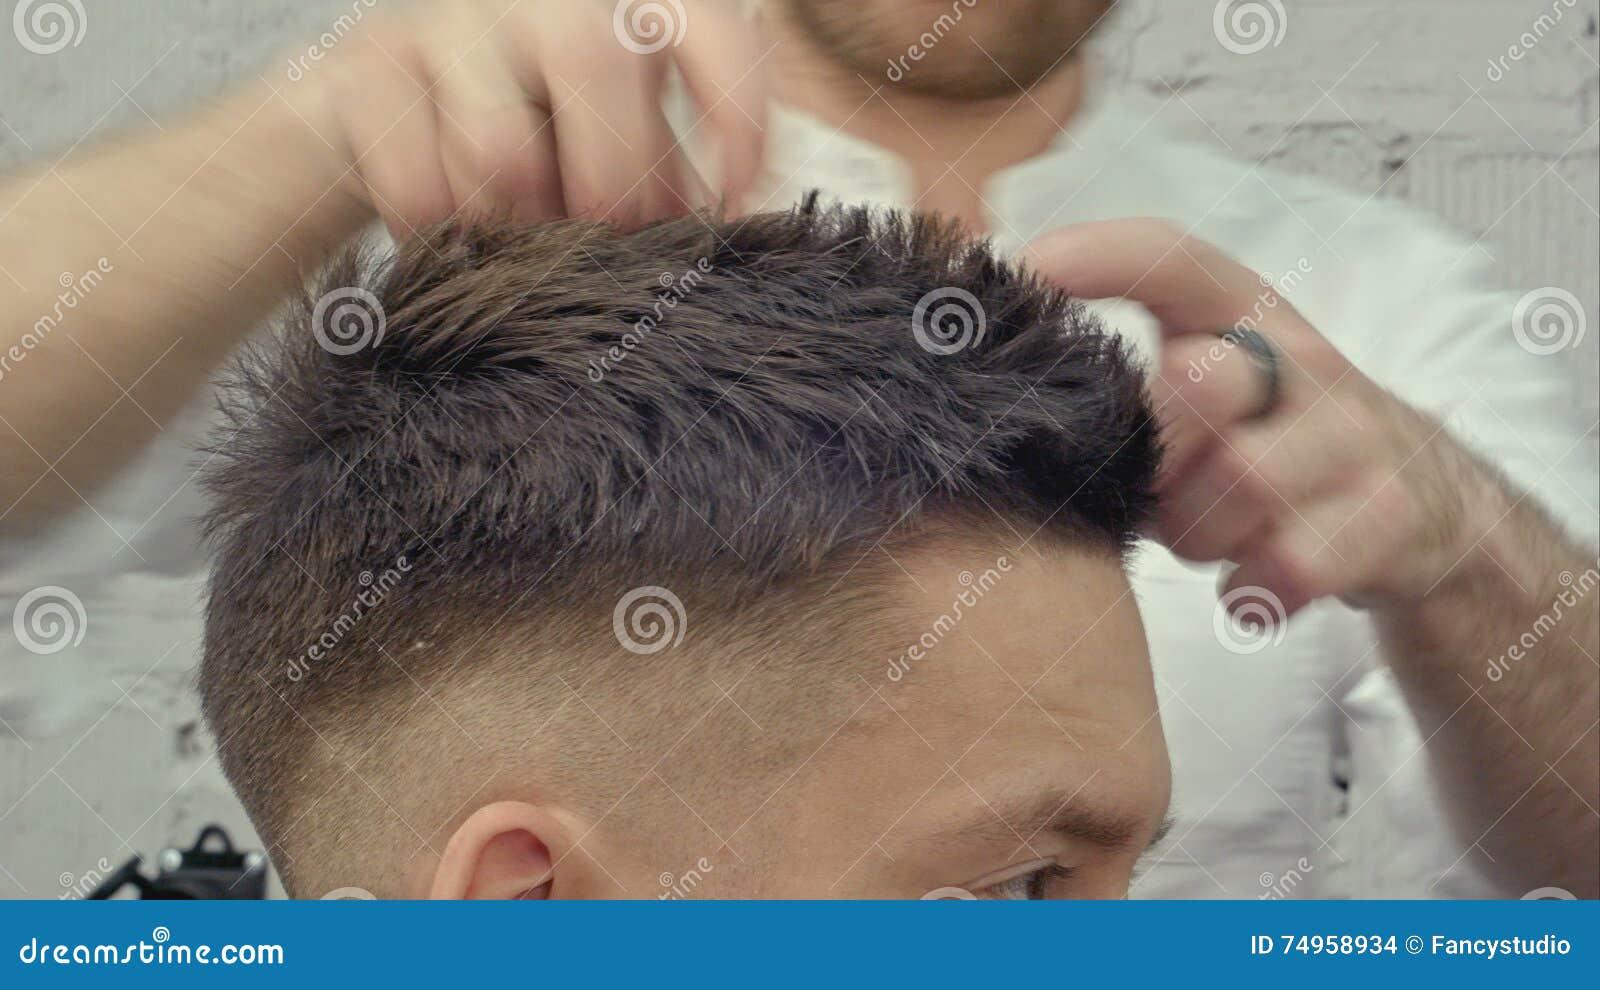 Friseur Machen Die Frisur Und Wenden Haargel An Stock Footage